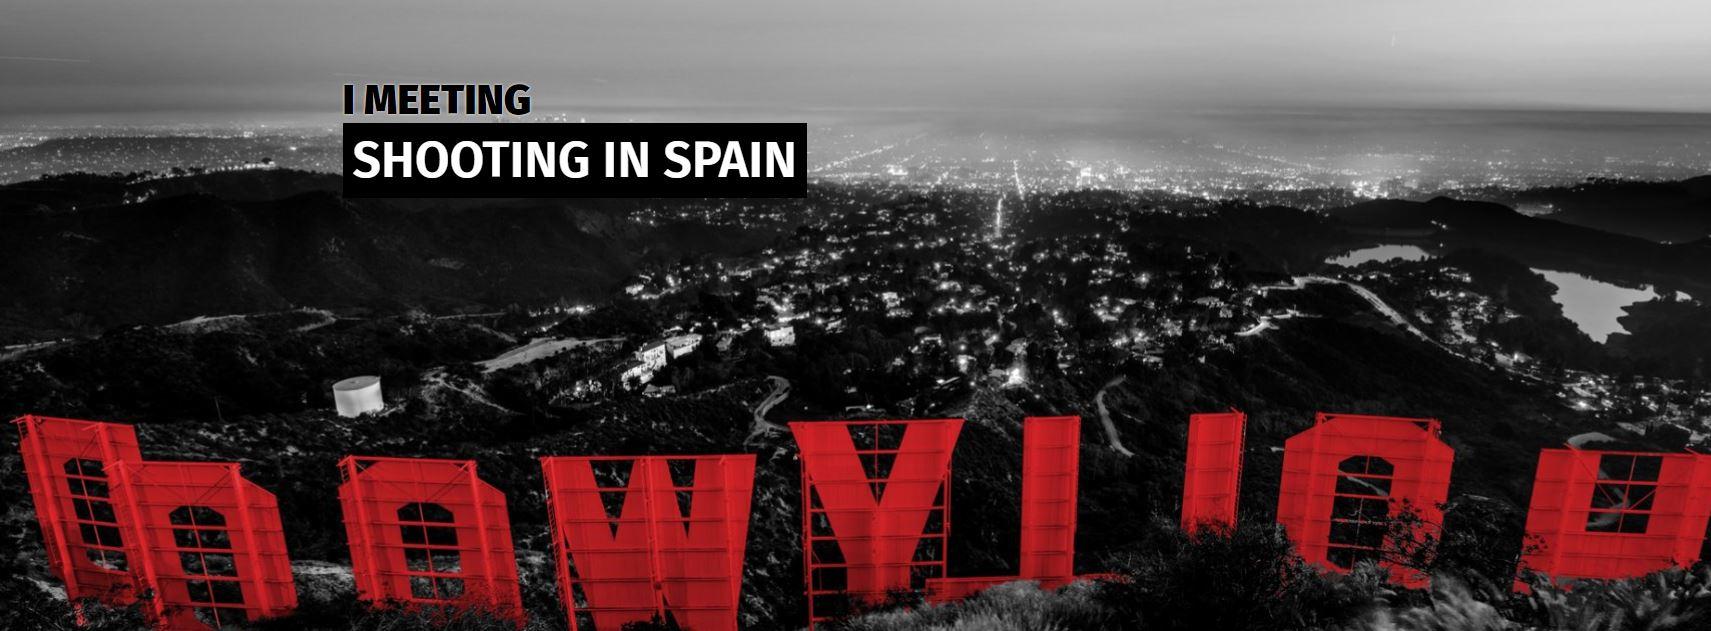 El encuentro reunirá a un productores de la industria de cine de EEUU y España